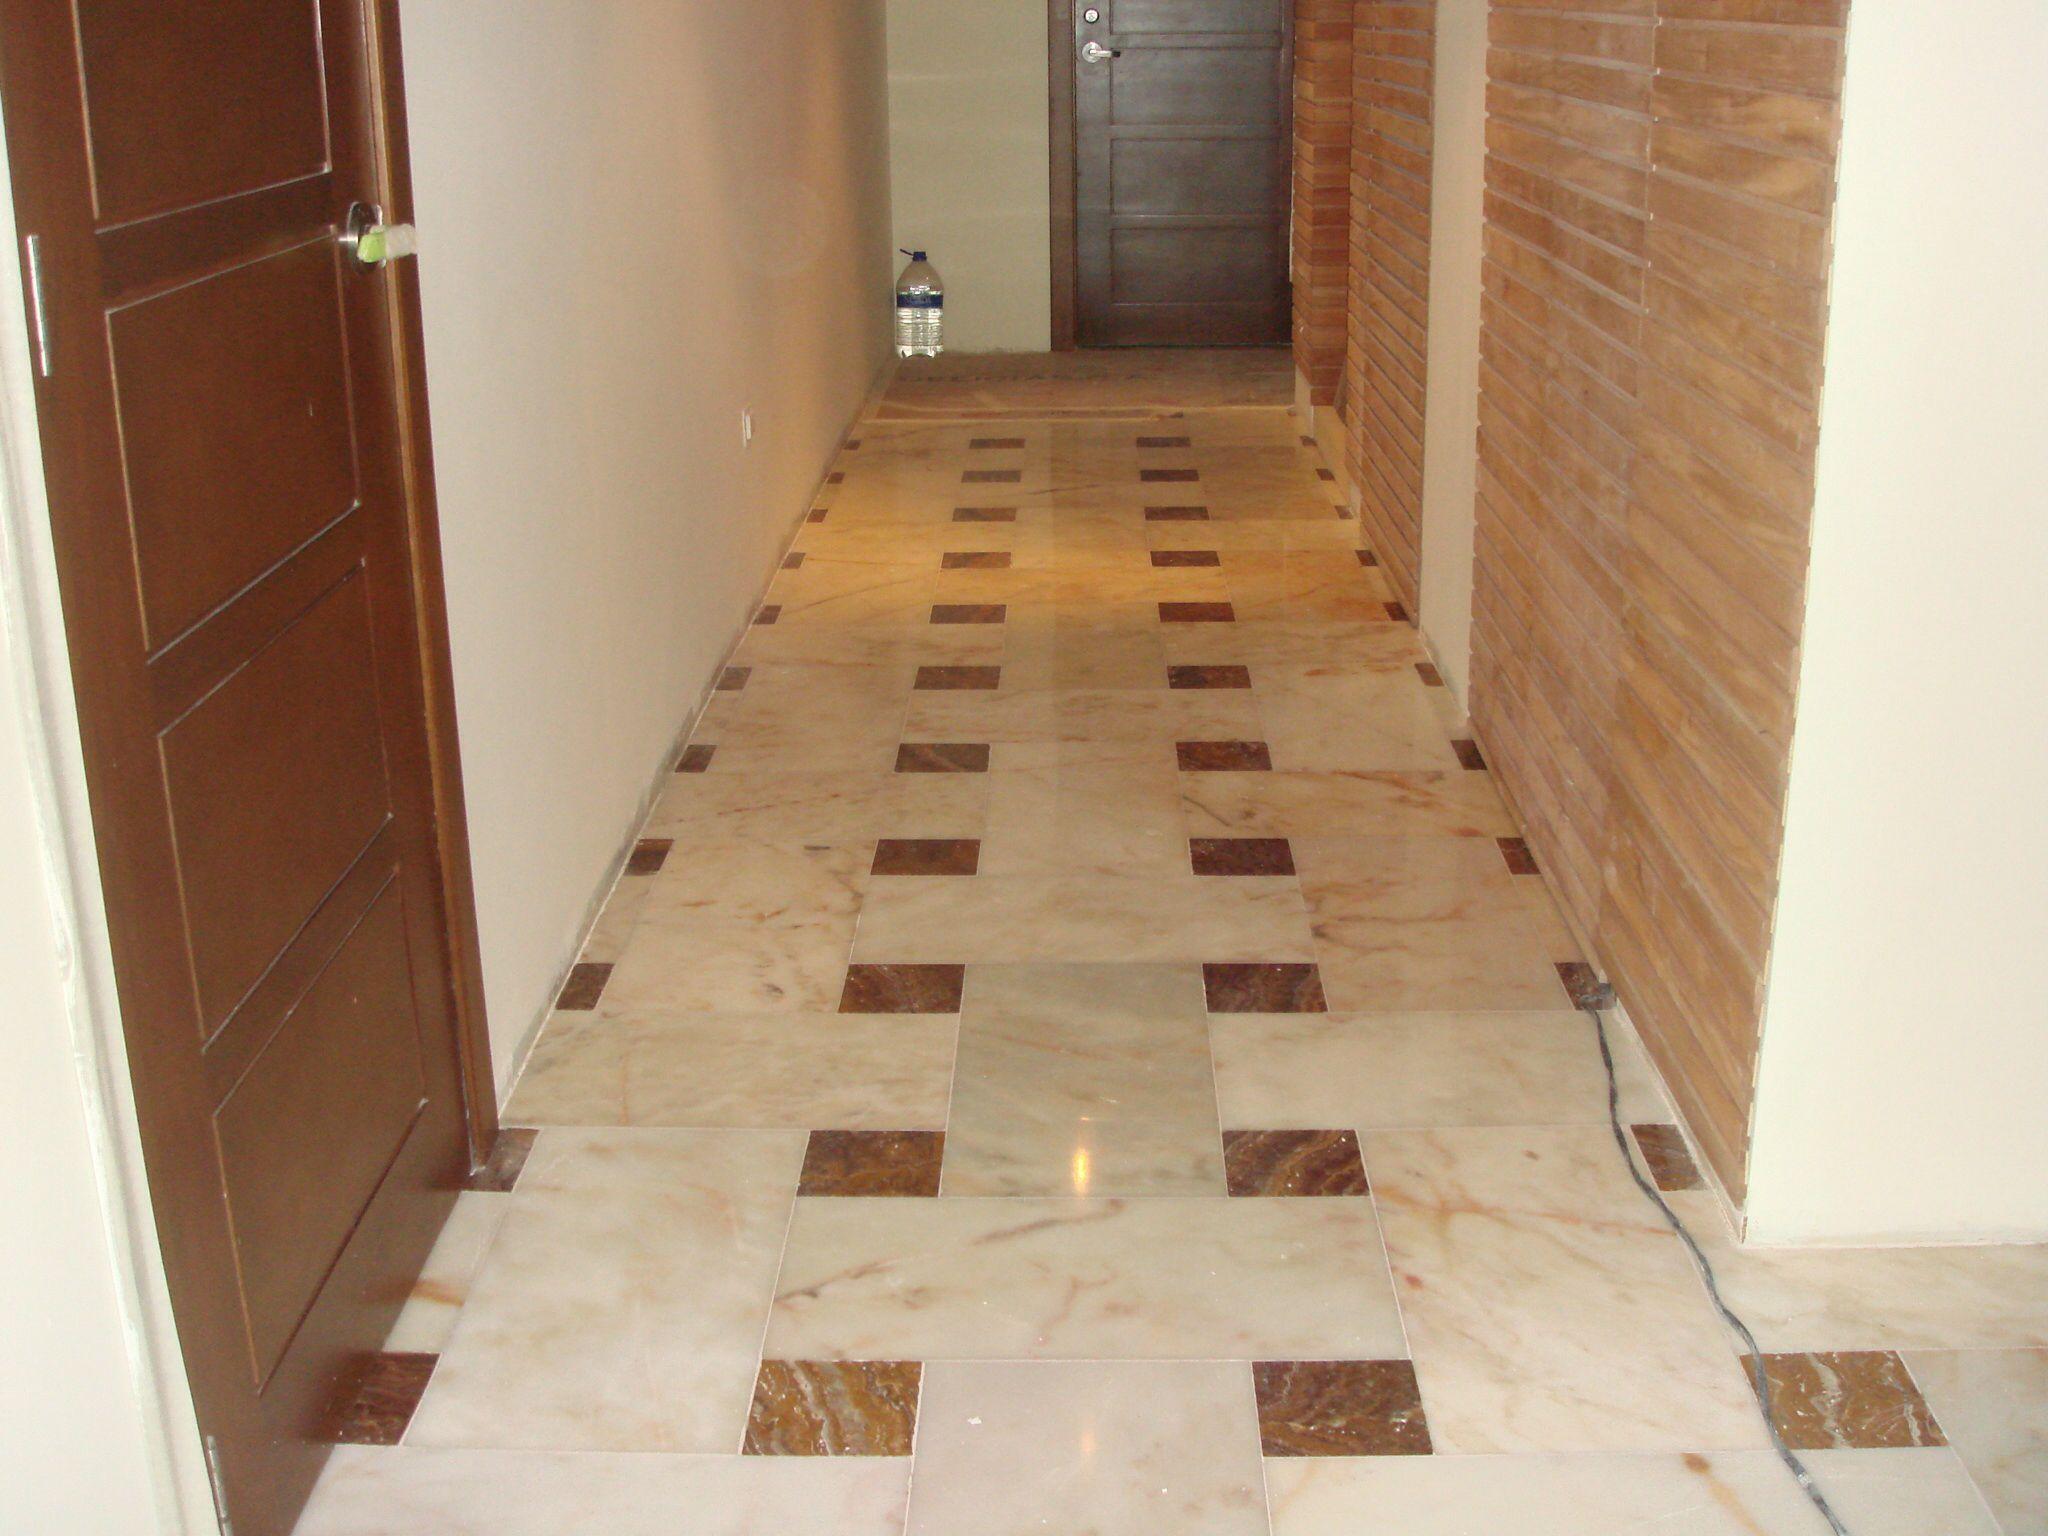 Dise o de piso en m rmol rosado dise o piso pinterest - Disenos en marmol ...